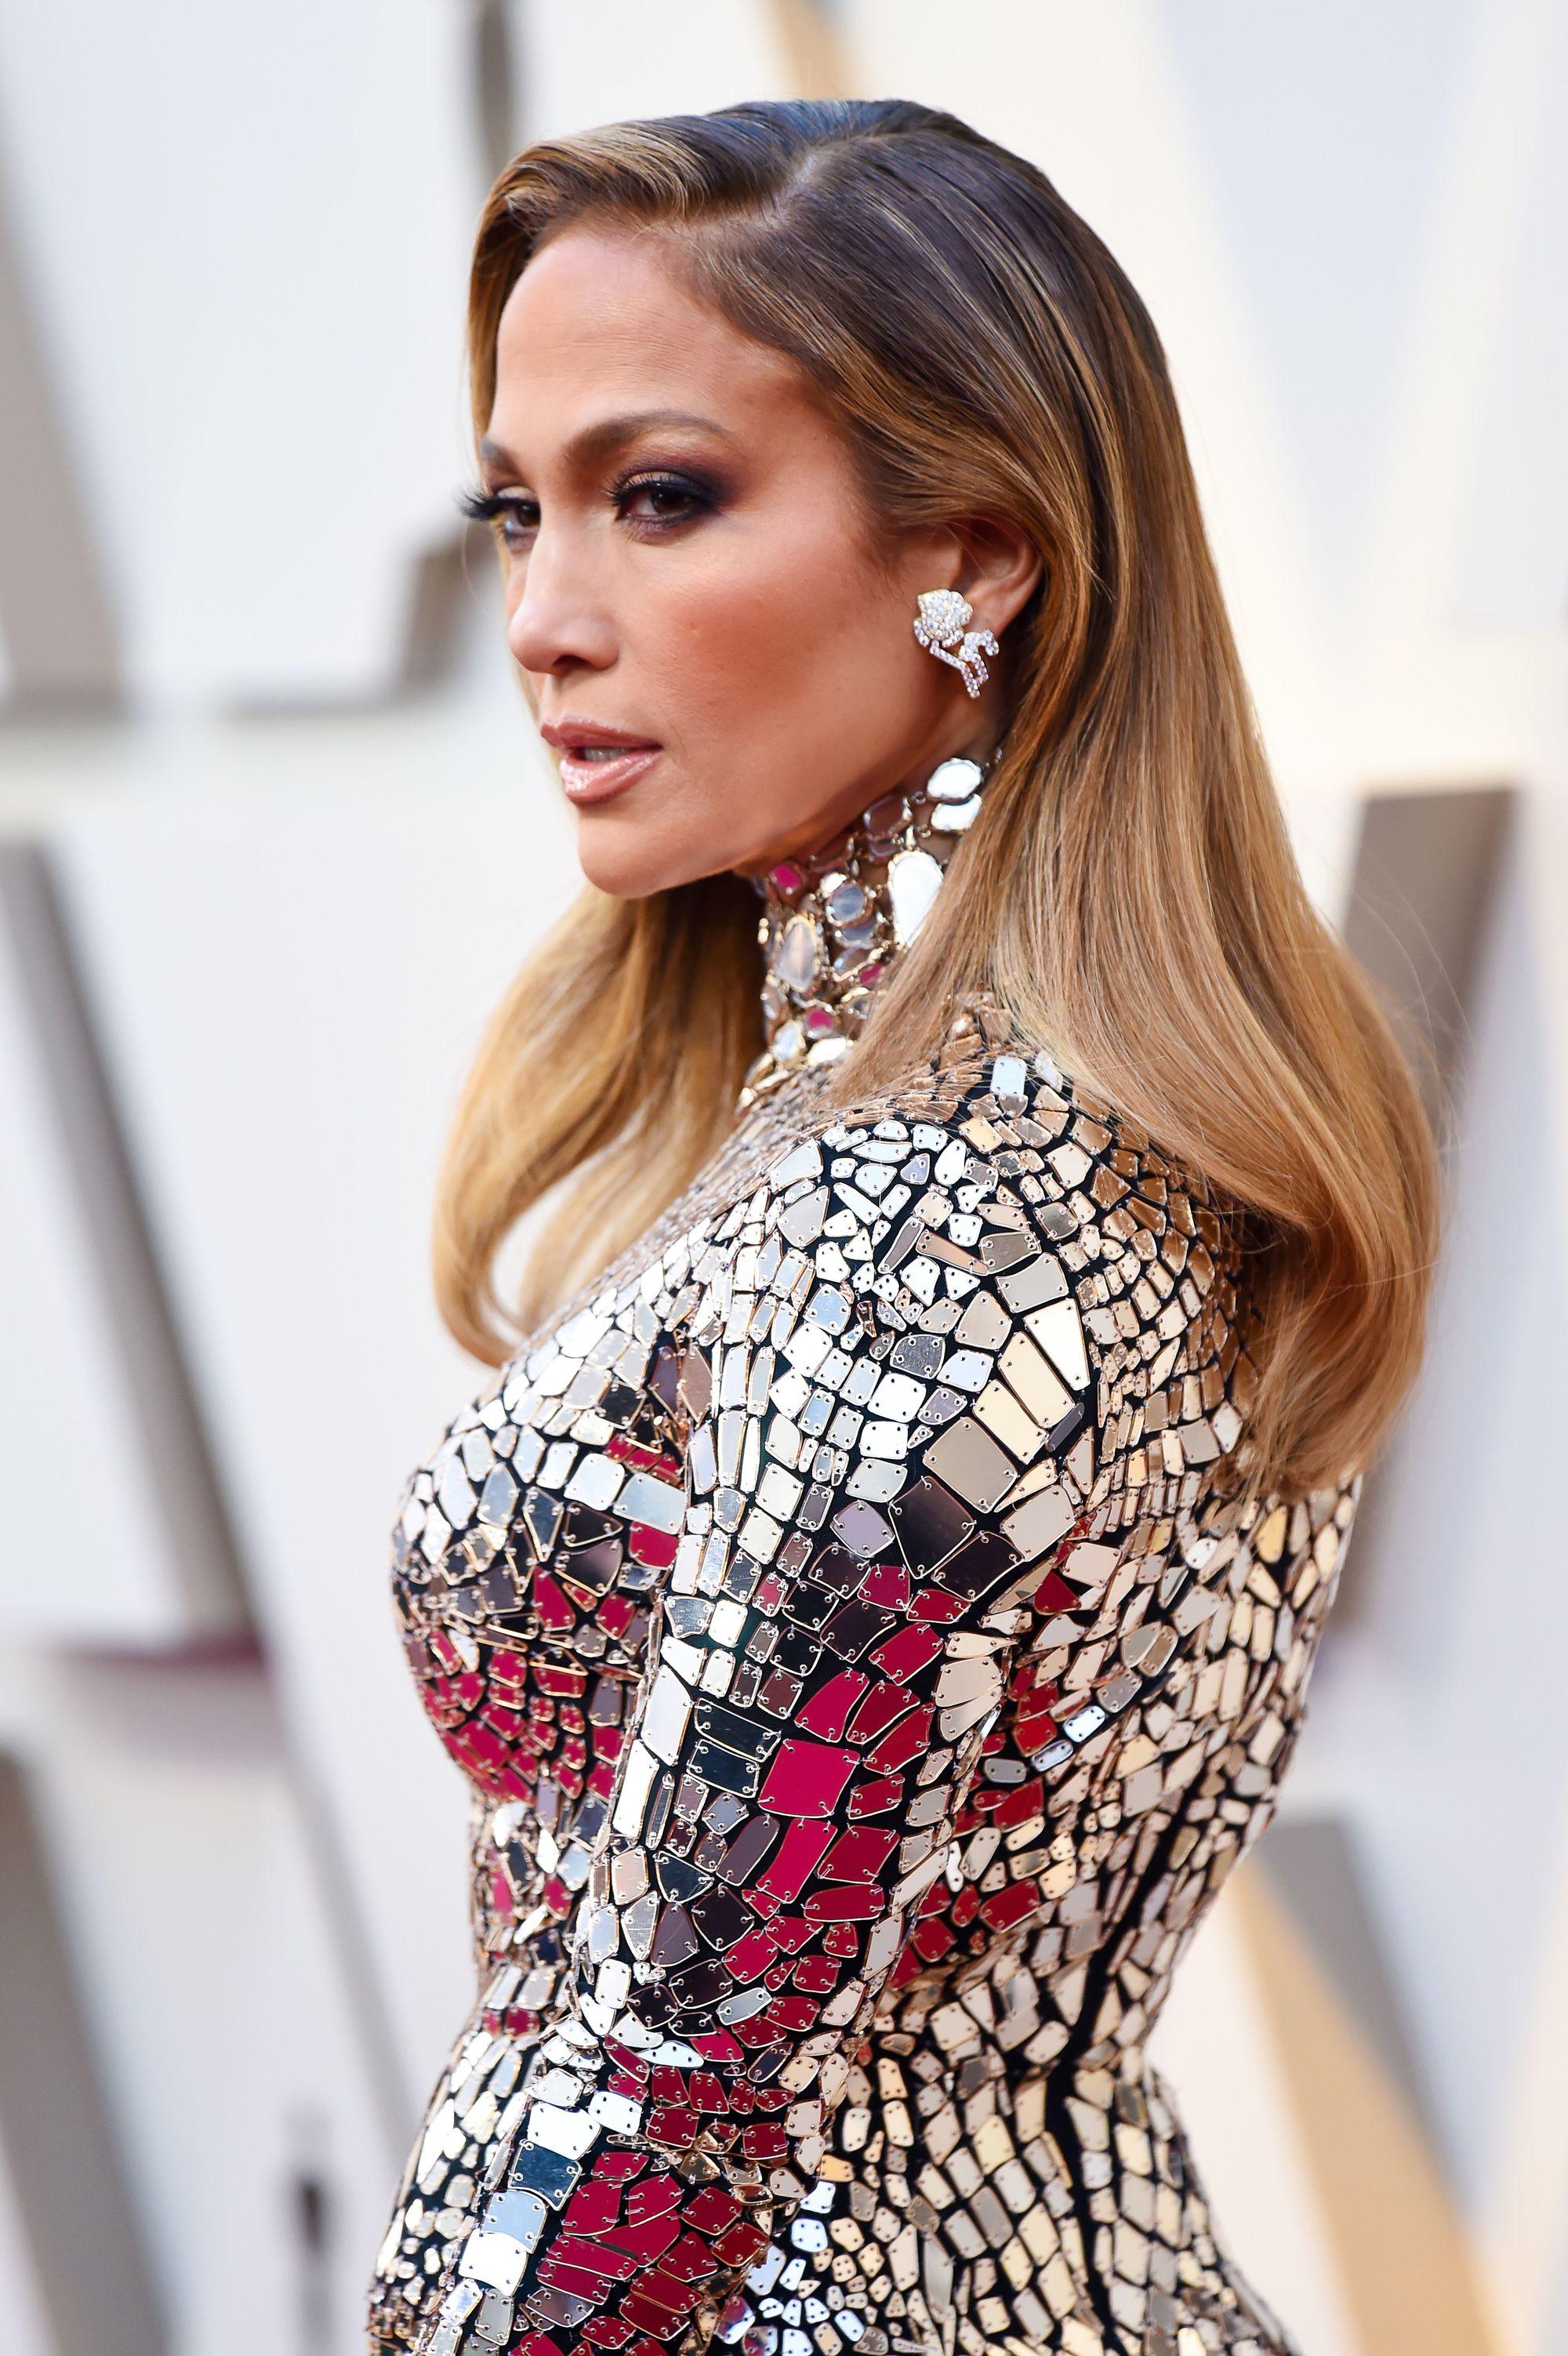 Jennifer Lopez sur le tapis rouge avec de longs cheveux lisses de couleur caramel foncé à clair, portant une tenue pailletée sur le tapis rouge